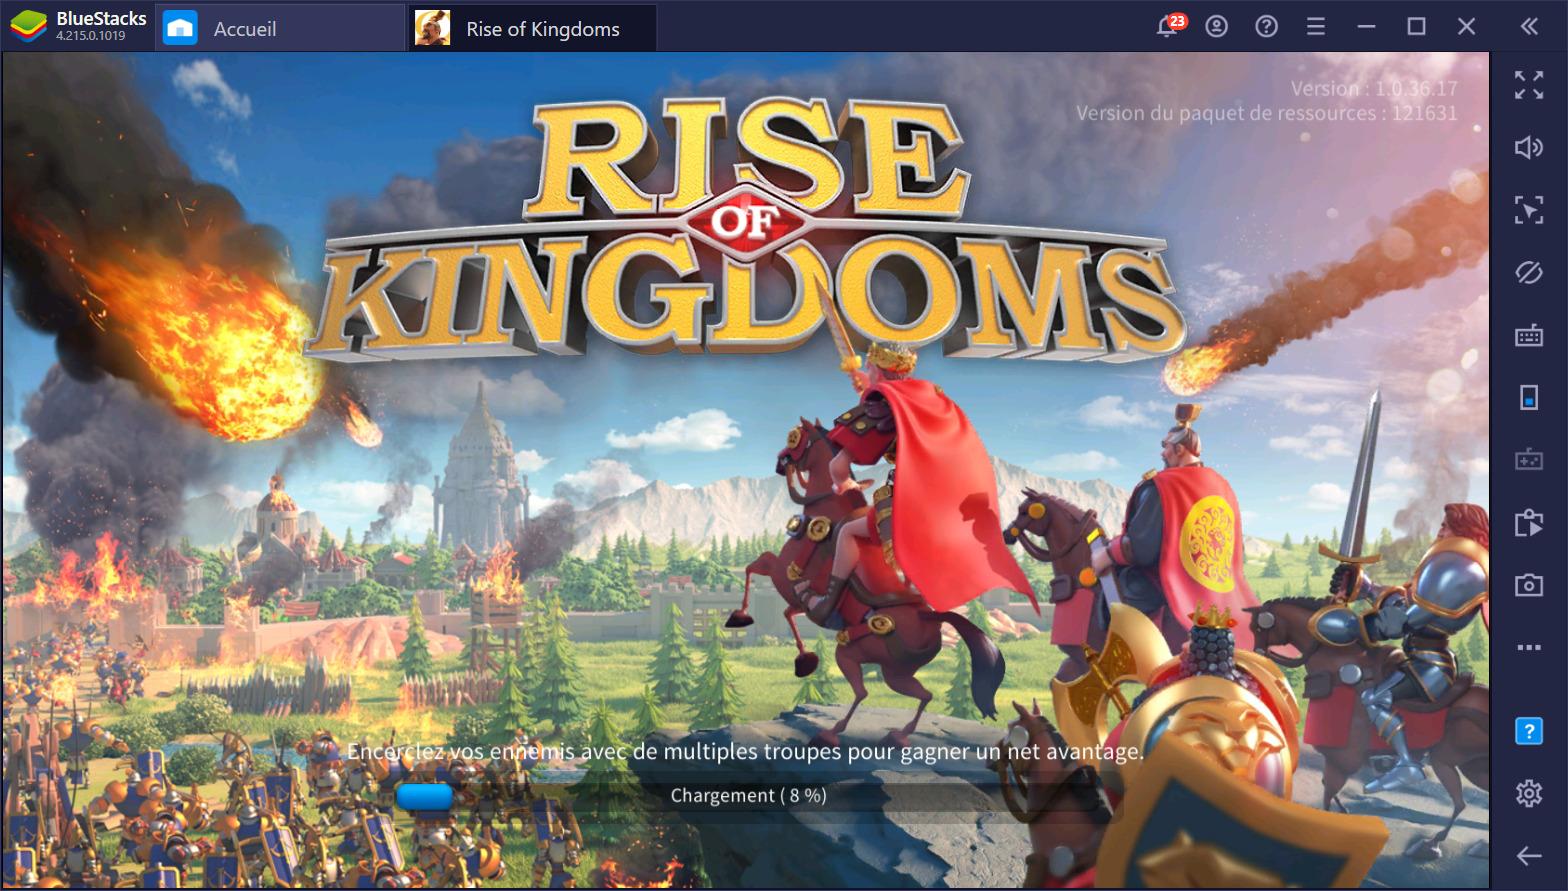 Automatisez les tâches rébarbatives dans Rise of Kingdoms sur PC avec les macros de BlueStacks